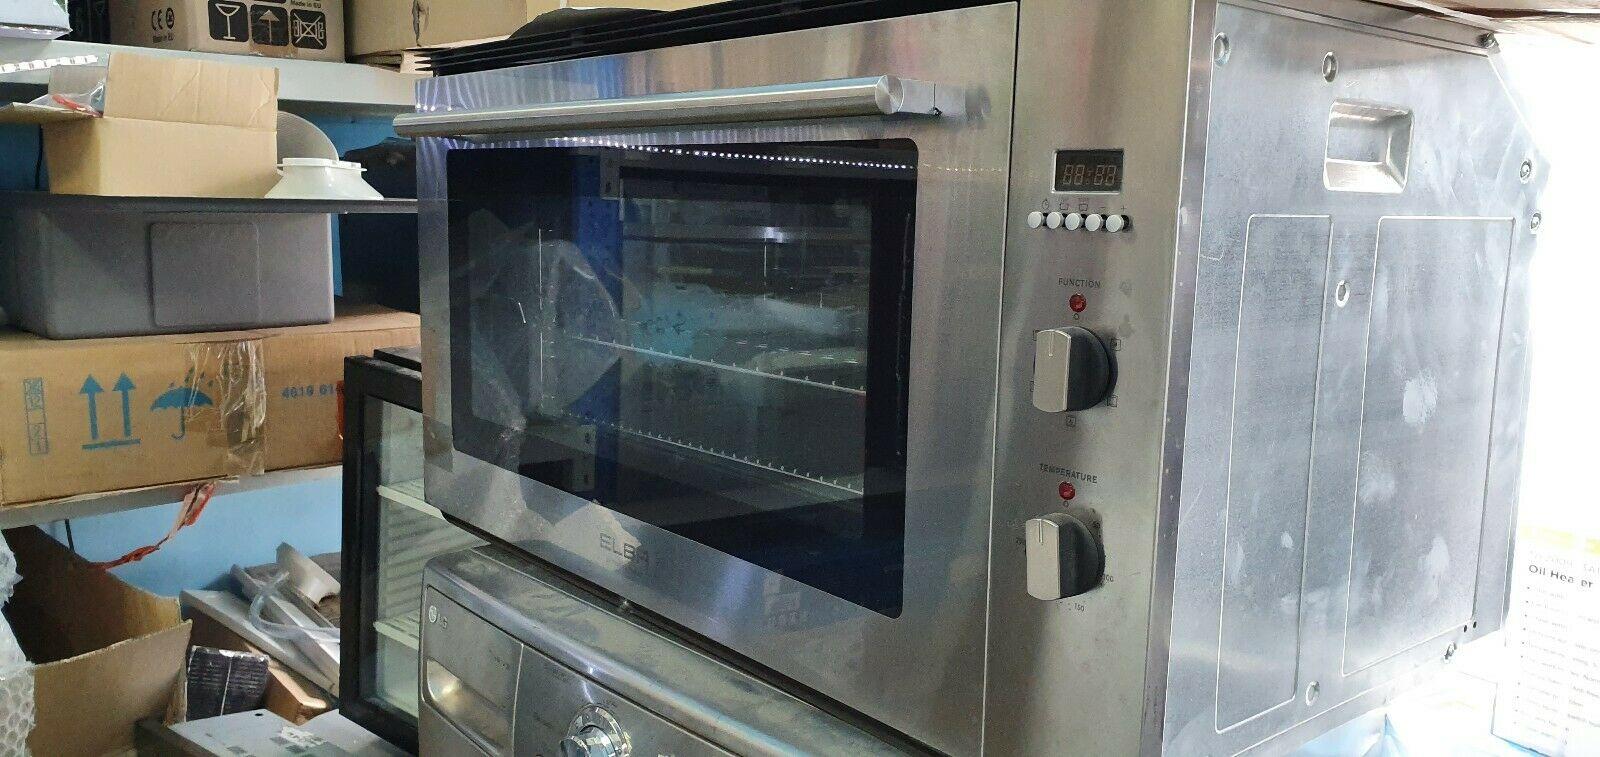 Elba 90cm Single Built In Oven We Open 7 Days Factory